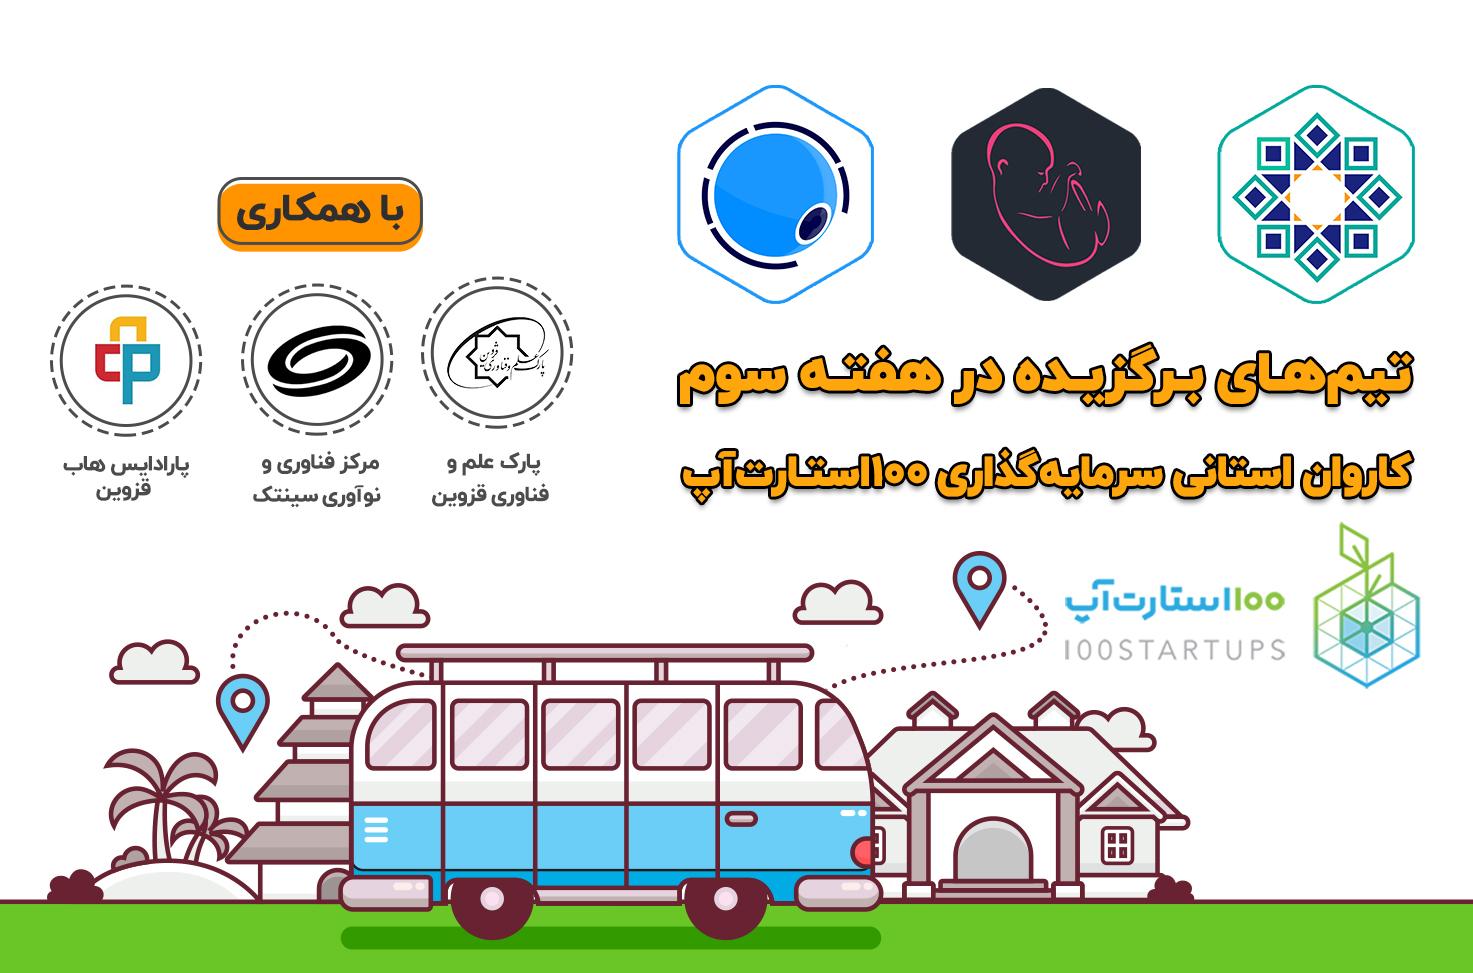 کاروان استانی 100استارتاپ را مشاهده میکنید که روی نقشه ی ایران سفر میکند و هر هفته به یک استان میرود.